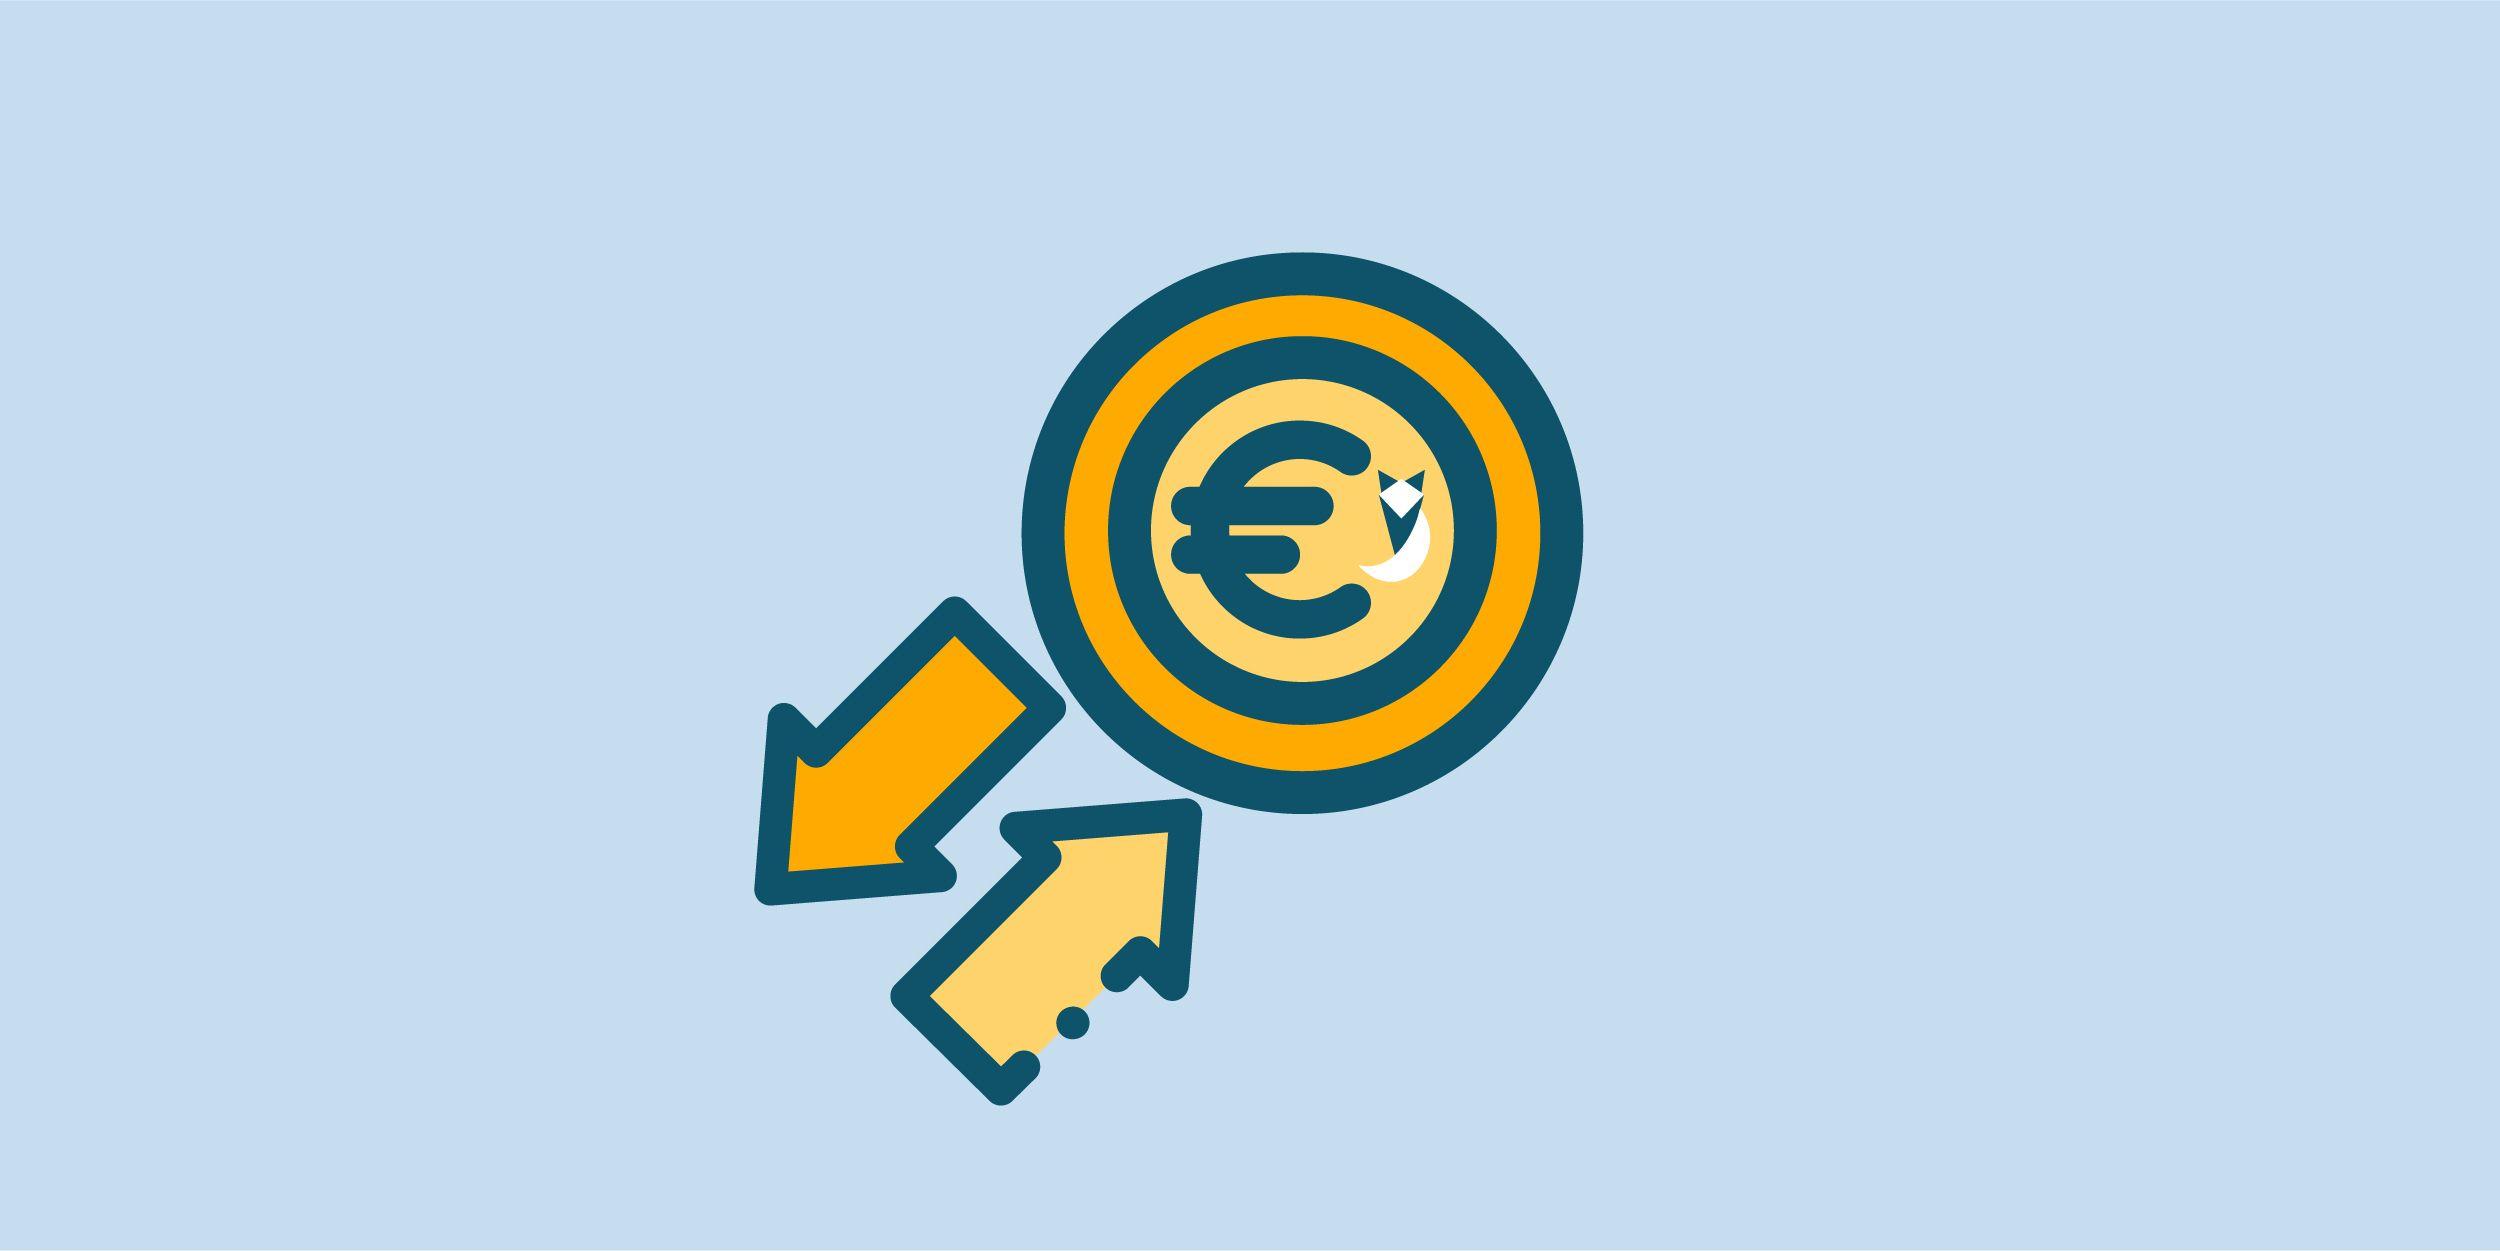 انخفاض في اسعار اليورو في البنوك اليوم 12 اكتوبر 2021